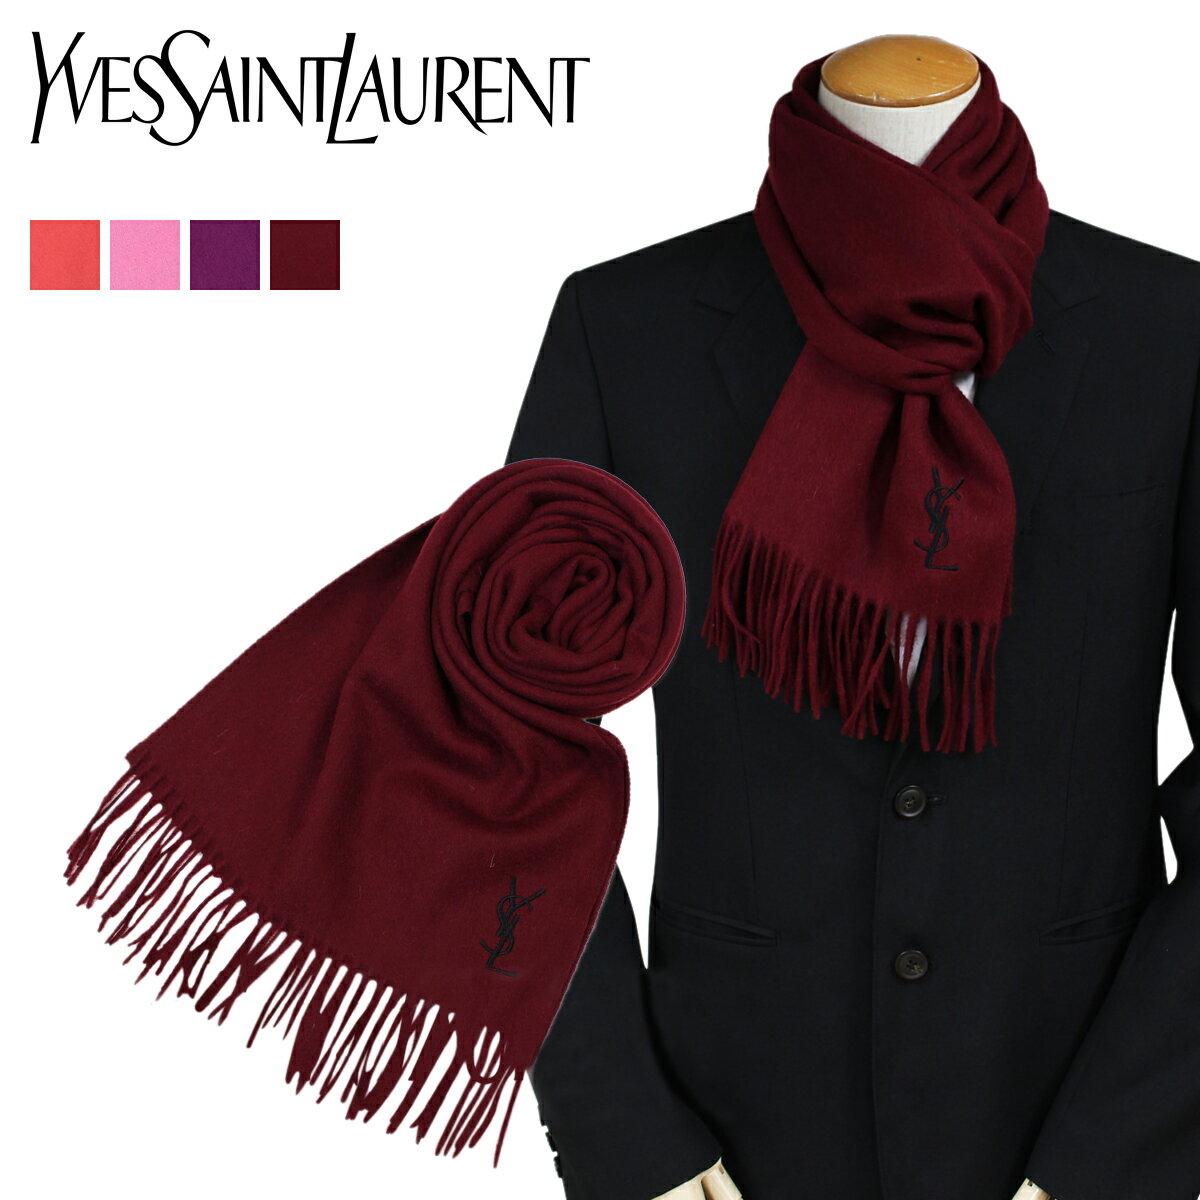 イヴサンローラン マフラー メンズ レディース YSL Yves Saint Laurent スカーフ ストール ウール ロゴ LOGO WOOL SCARF